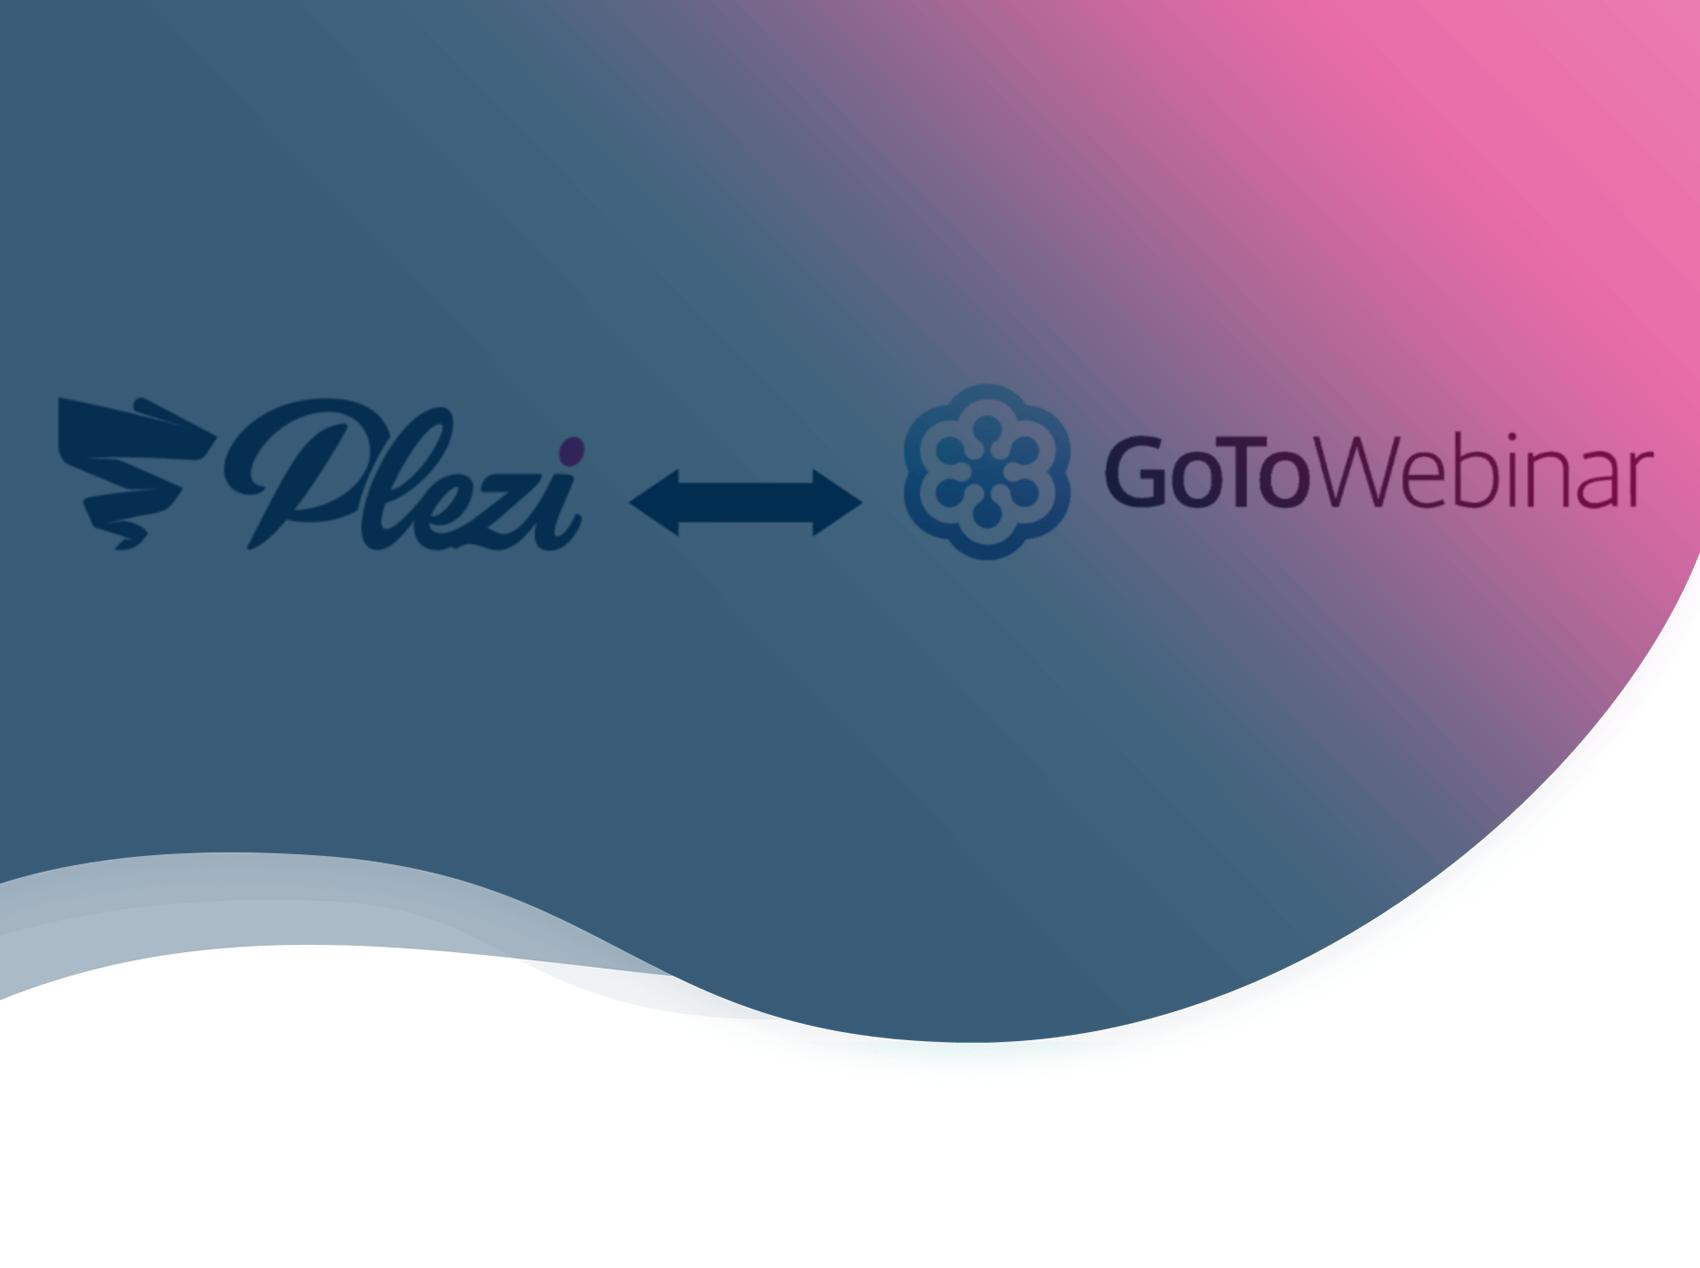 Synchronisation de GoToWebinar avec Plezi: le combo gagnant pour vos webinars